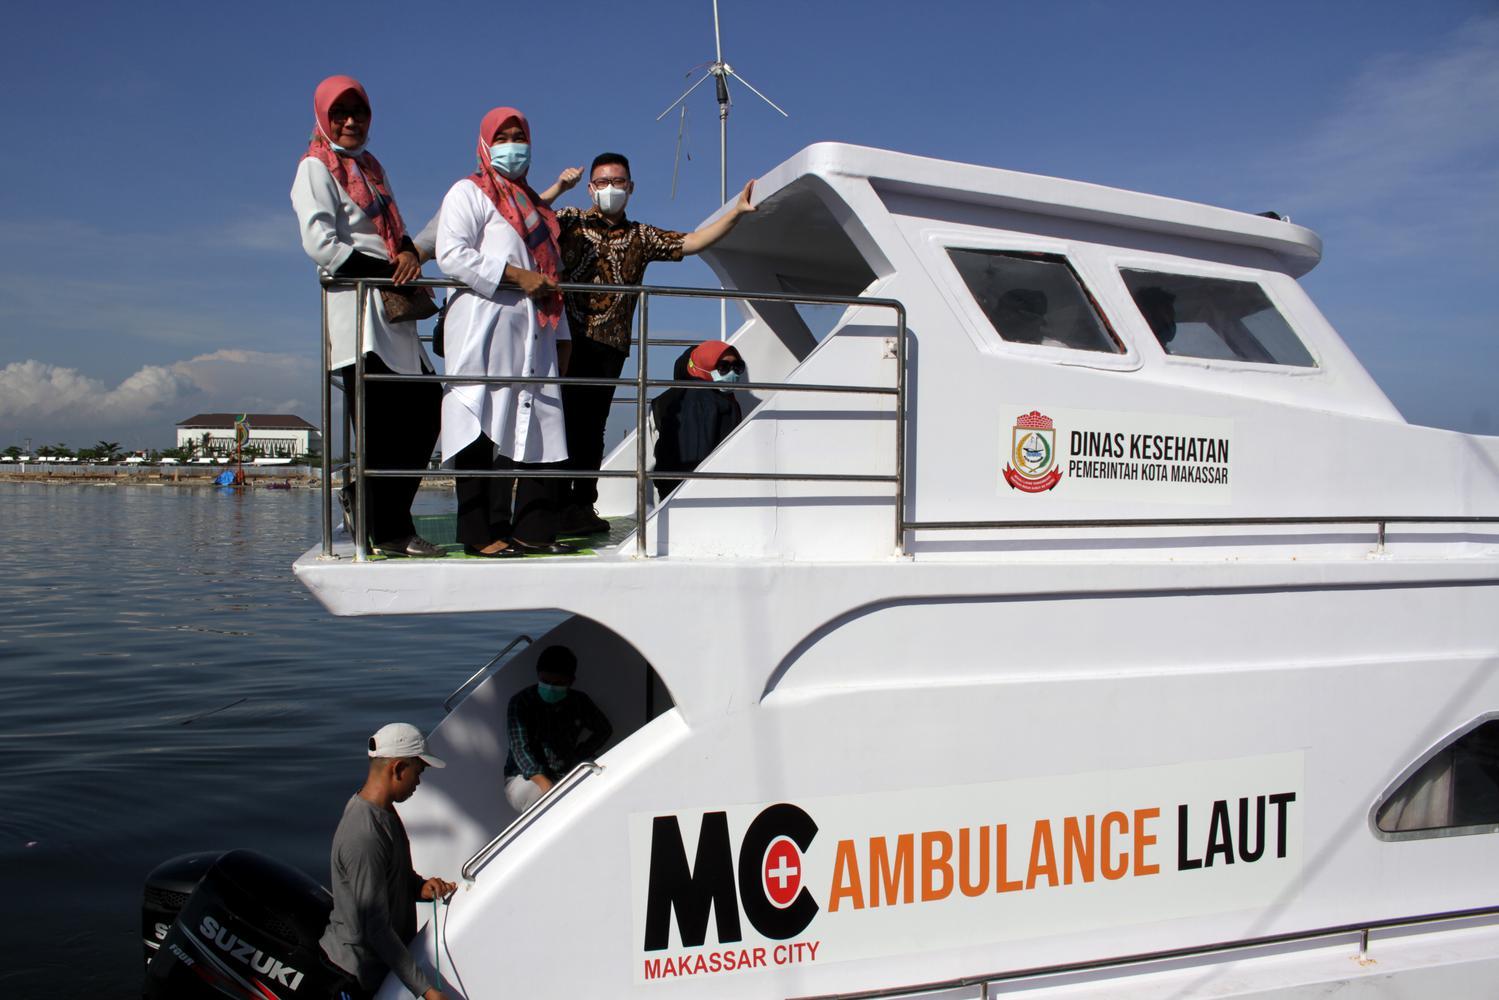 Sejumlah tenaga medis berada di atas ambulans laut saat pemberangkatan tim medis ke pulau-pulau kecil di perairan Pantai Losari, Makassar, Sulawesi Selatan, Rabu (11/11/2020). Pemberangkatan tim medis ke sejumlah pulau kecil di perairan Makassar tersebut untuk melakukan bakti sosial dalam rangka memperingati Hari Kesehatan Nasional ke-56 dengan tema